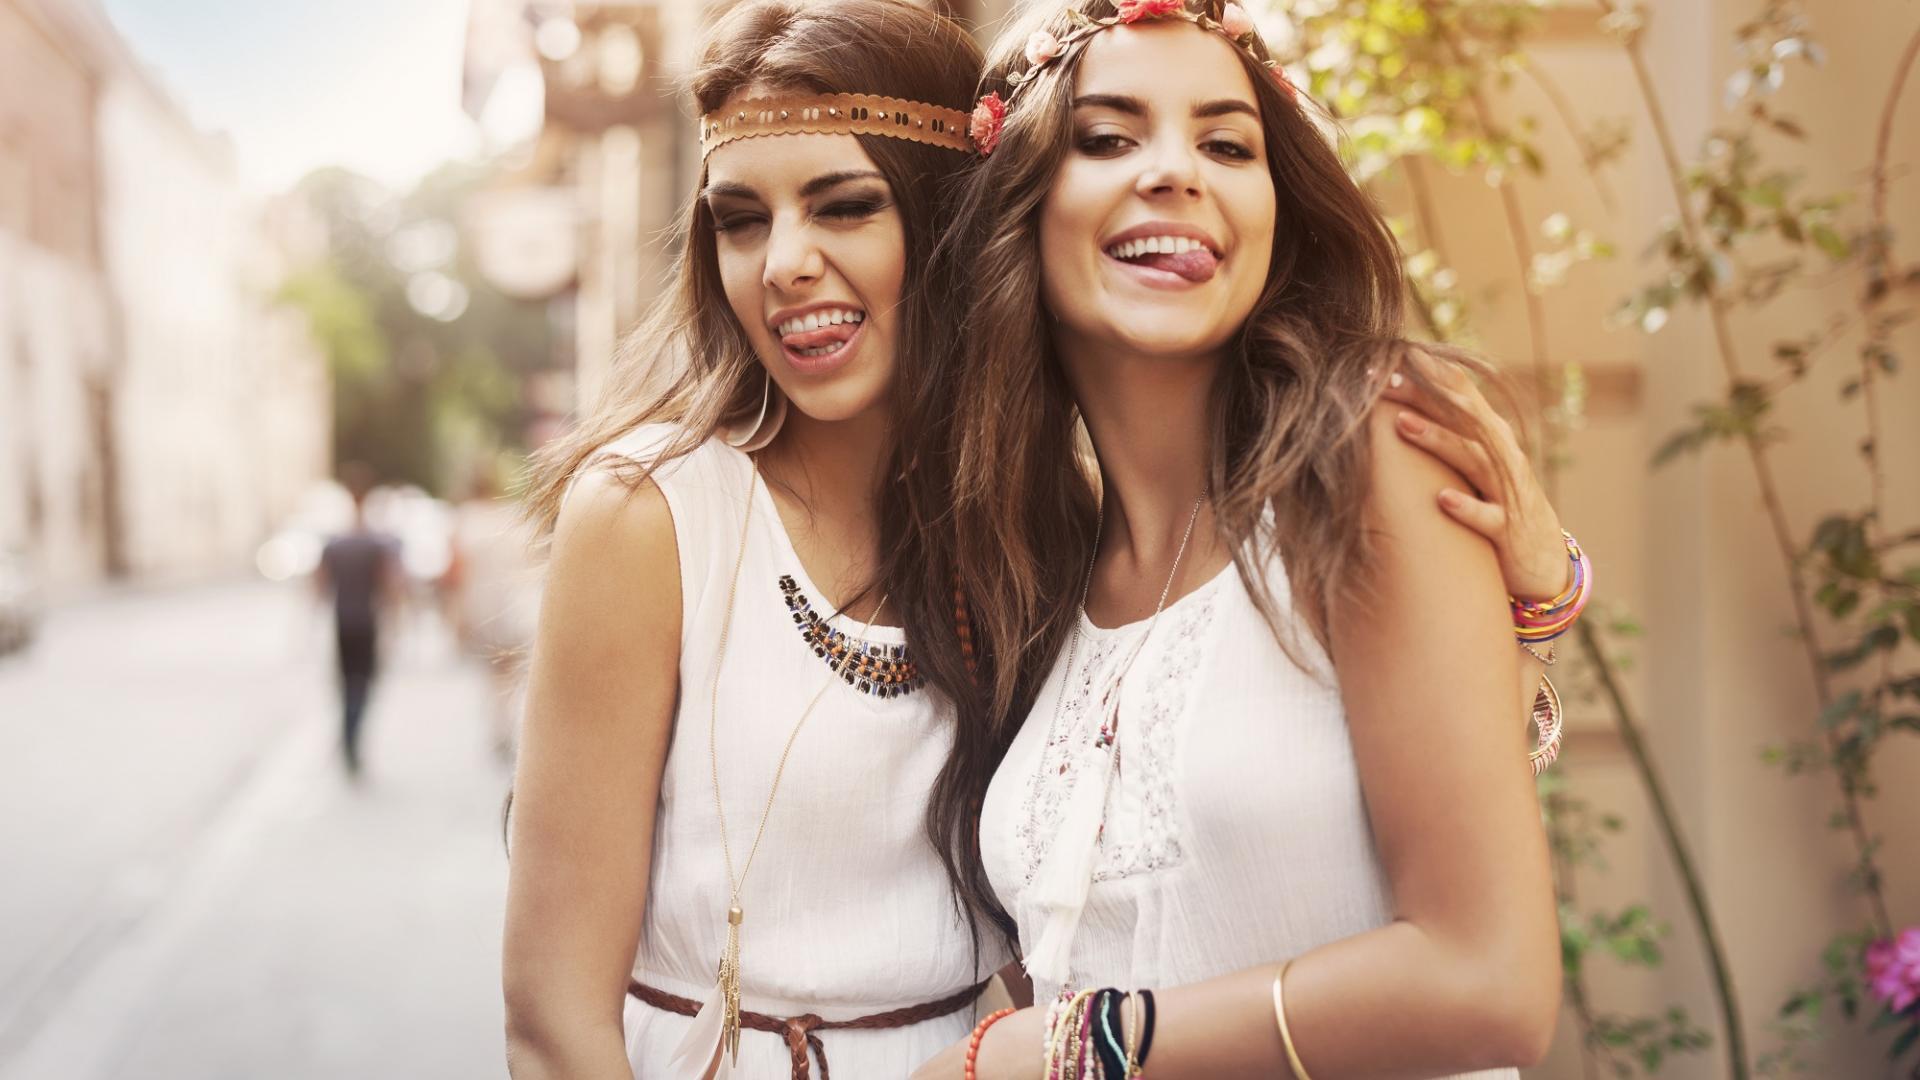 Freundinnen Sommer Spaß